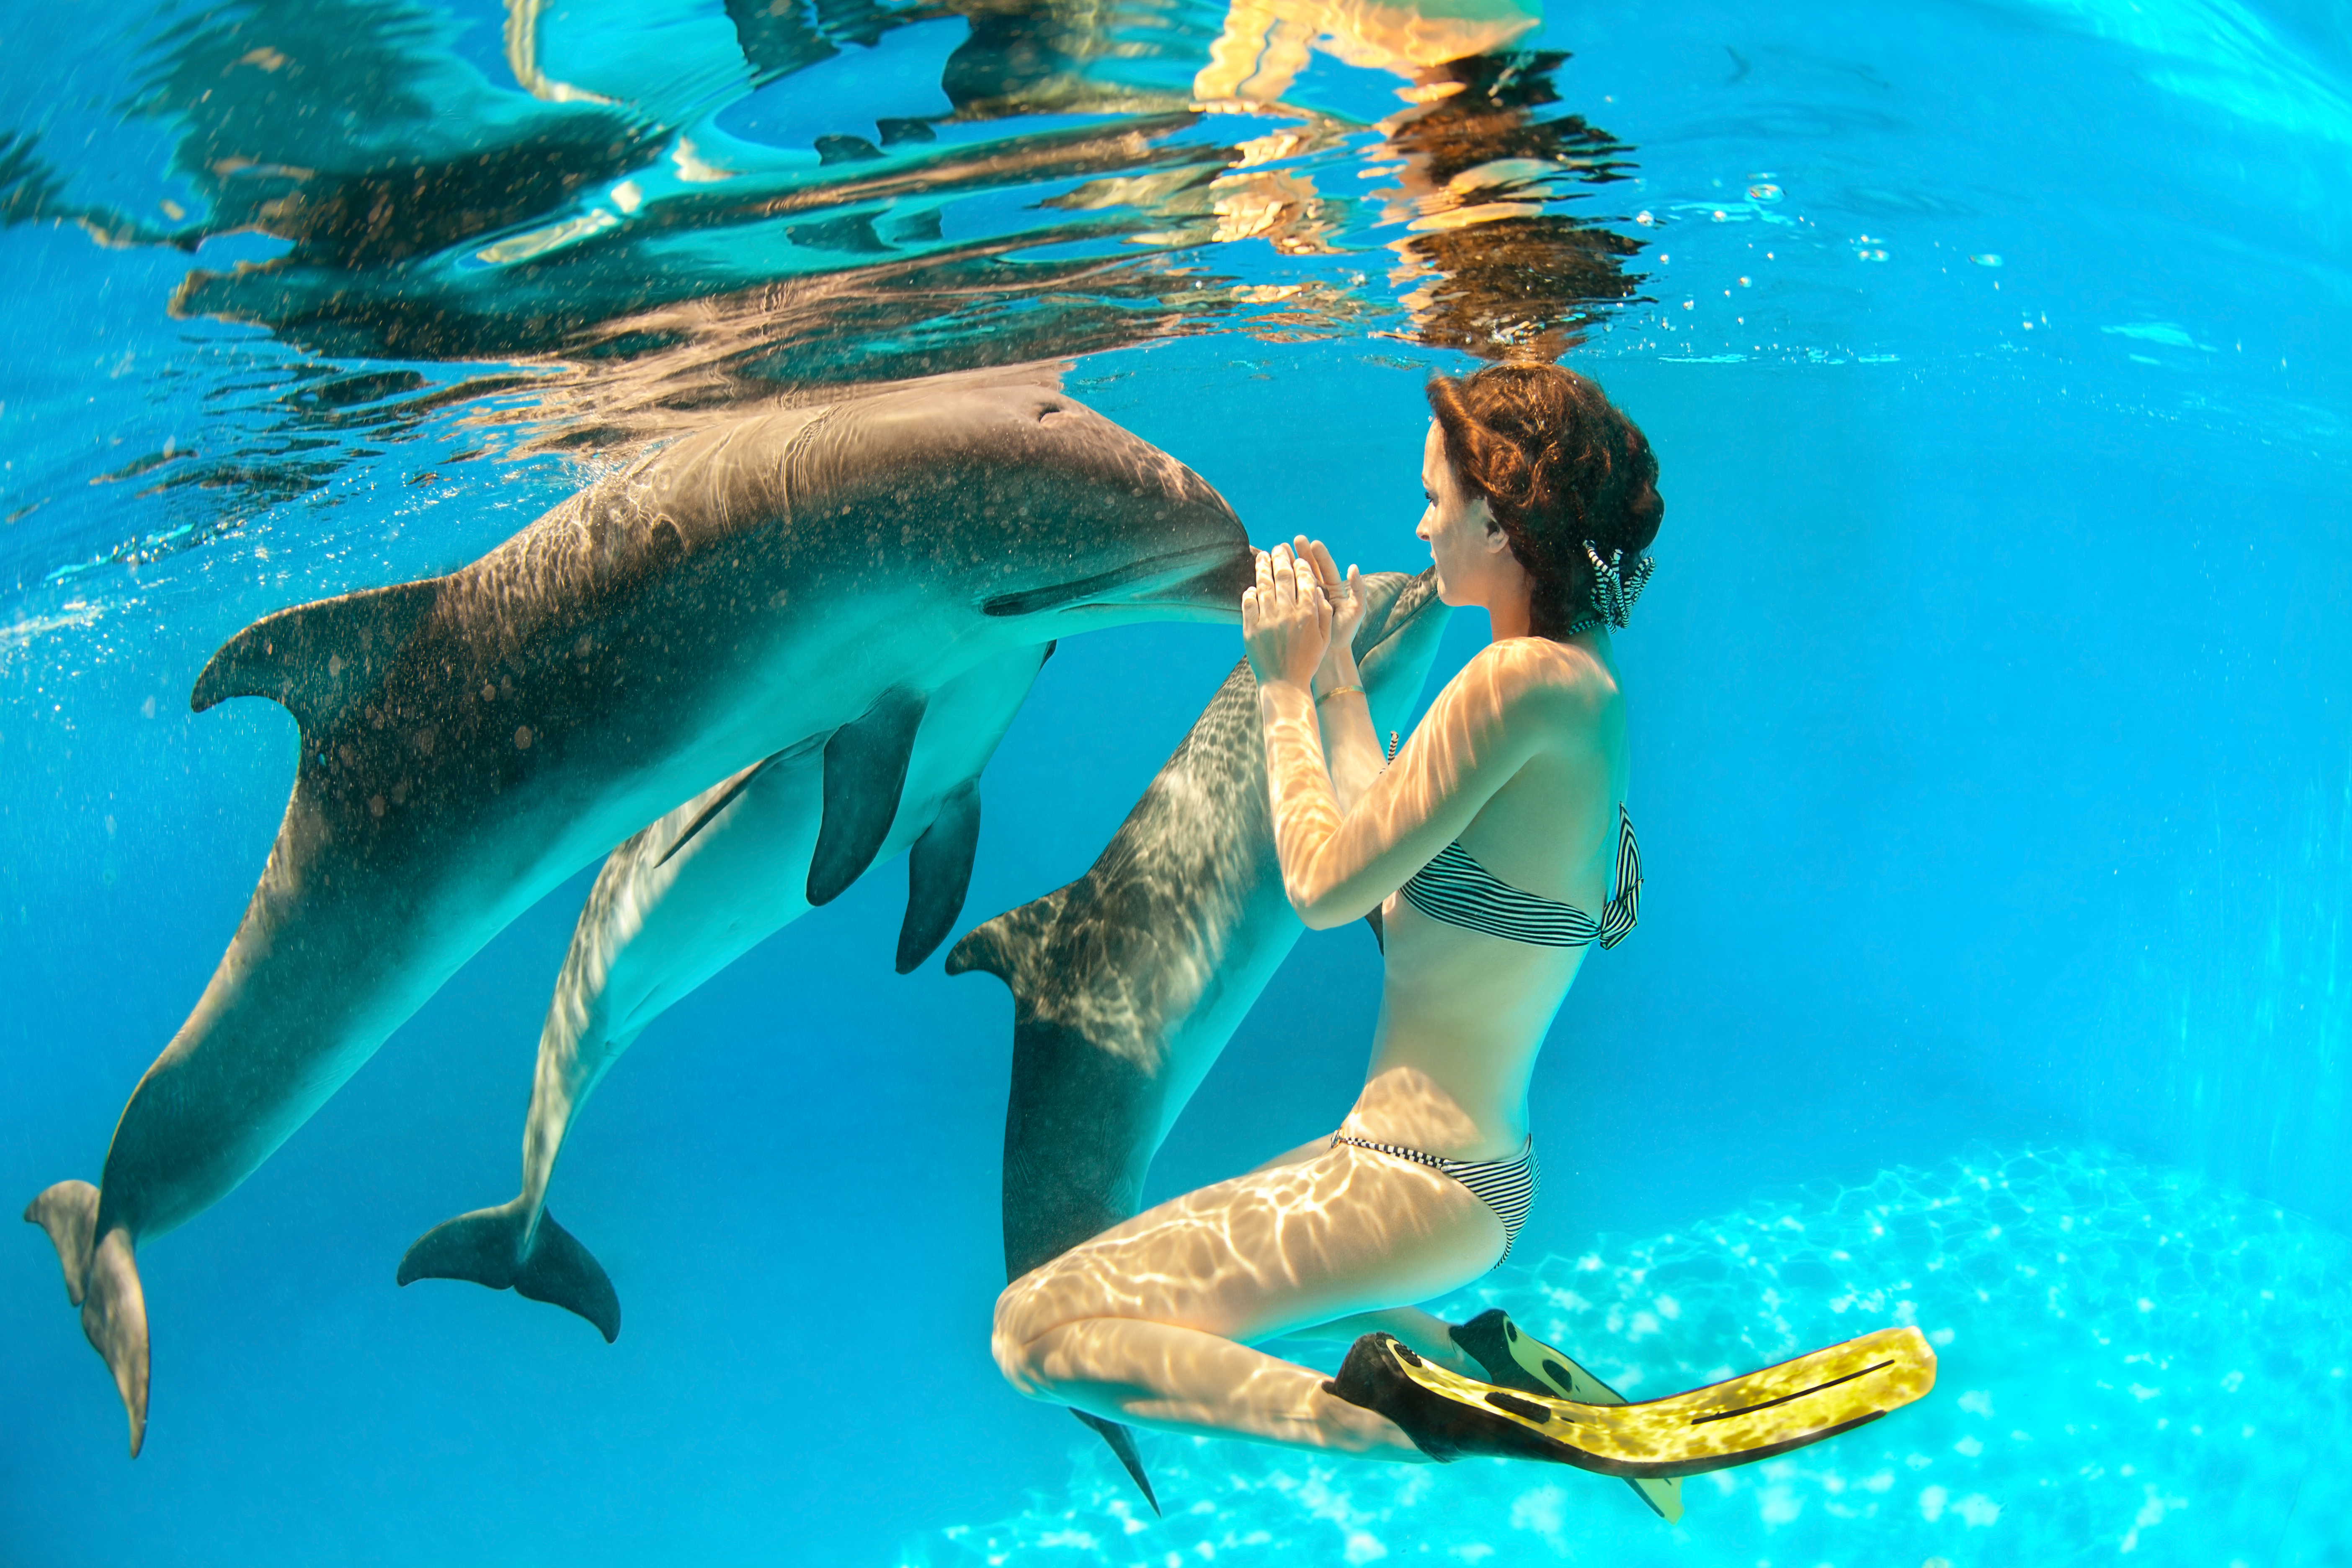 Nadando con delfines en la Riviera Maya - México Gran Viaje México Arqueológico: Aztecas y Mayas